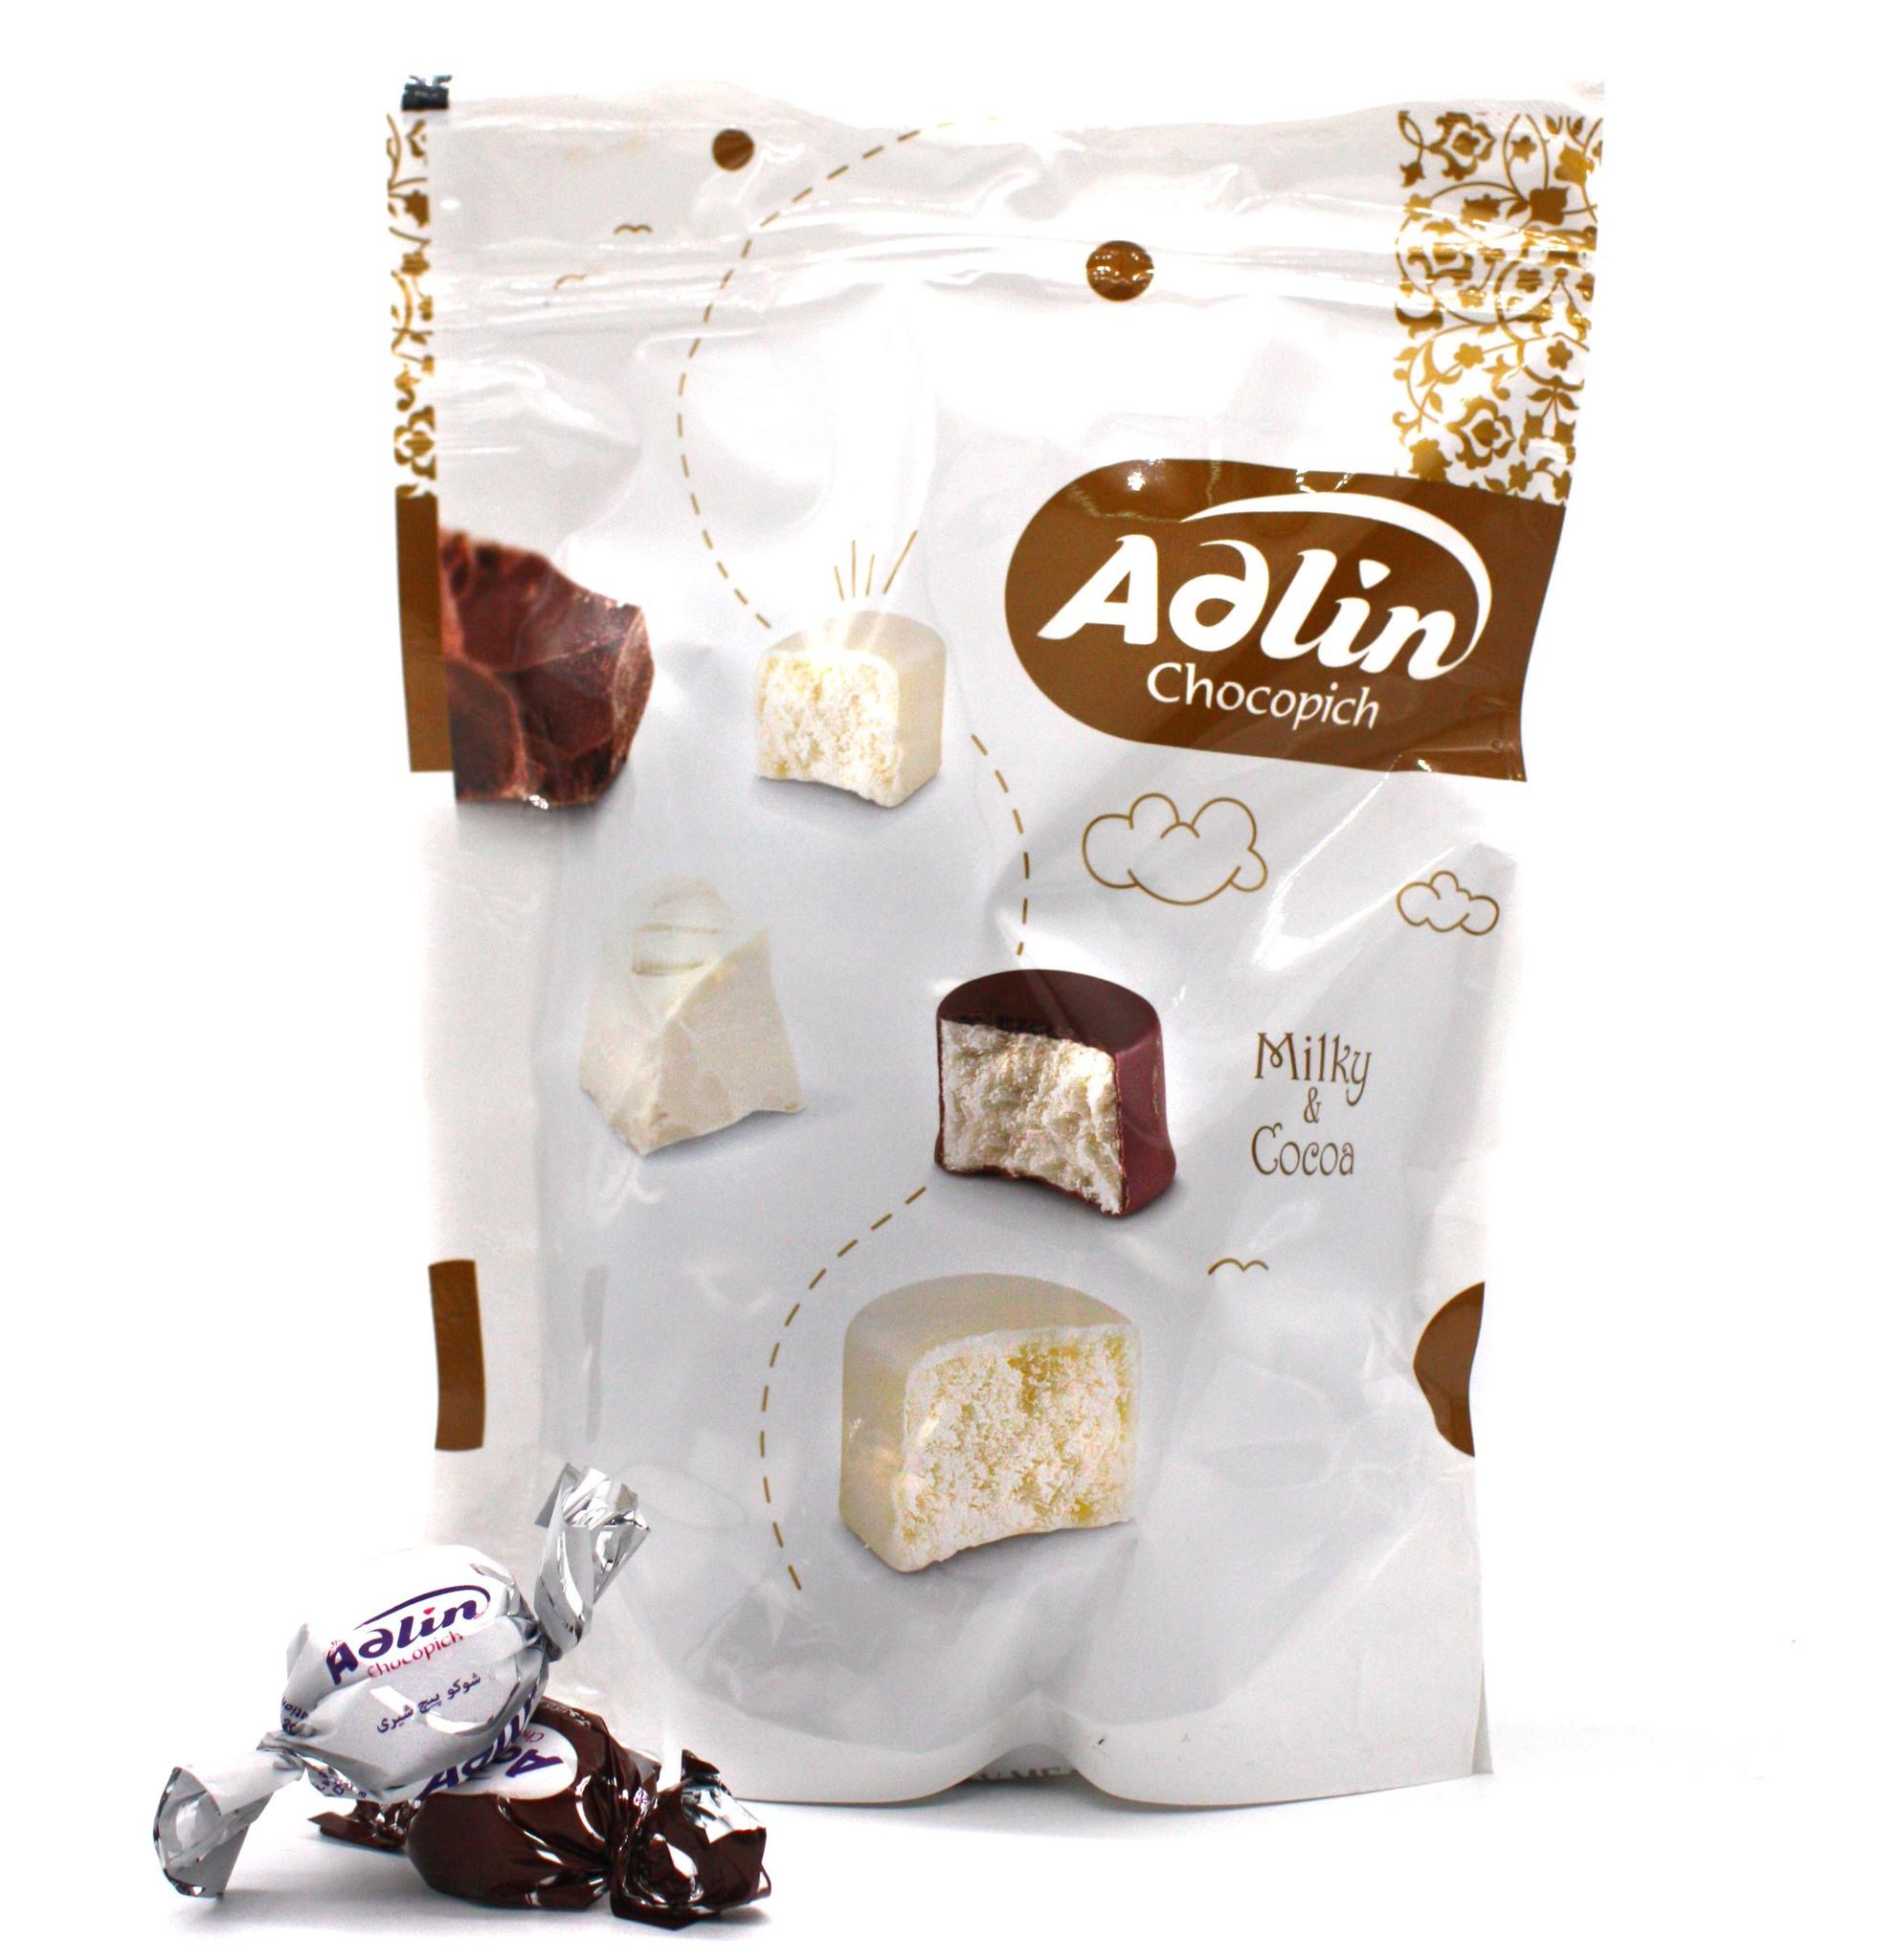 Adlin Пишмание с молочным и ванильным вкусом в глазури, Adlin, 350 г import_files_aa_aa4fcf45c3da11e9a9b3484d7ecee297_aa4fcf46c3da11e9a9b3484d7ecee297.jpg